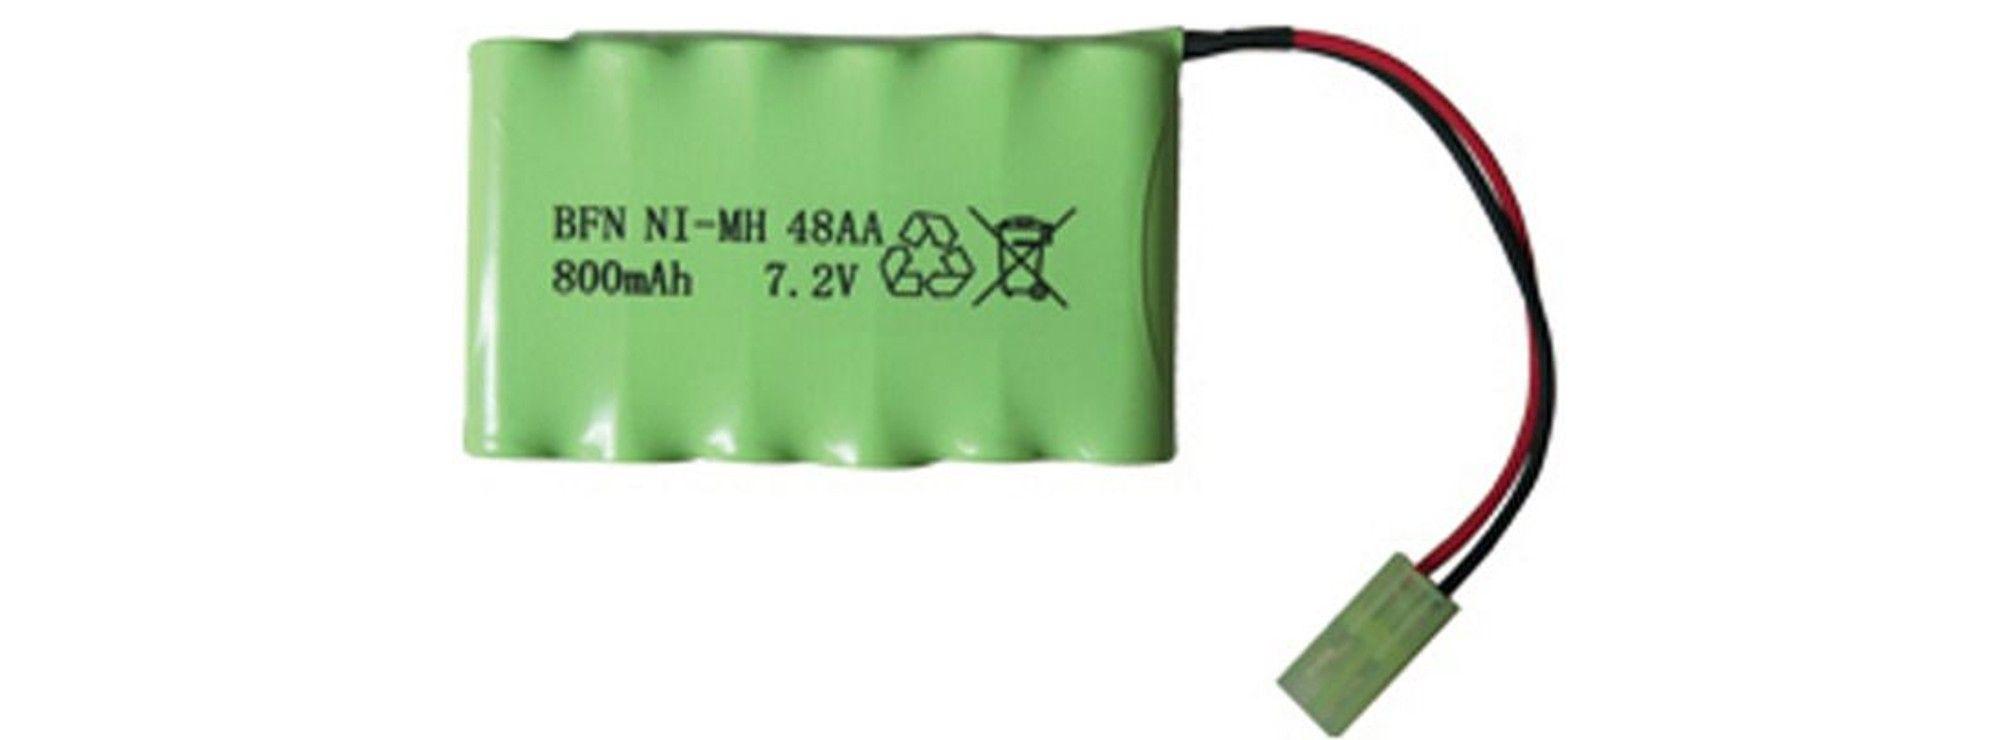 ausverkauft carson 500608113 akku pack 7 2 volt 800mah nimh